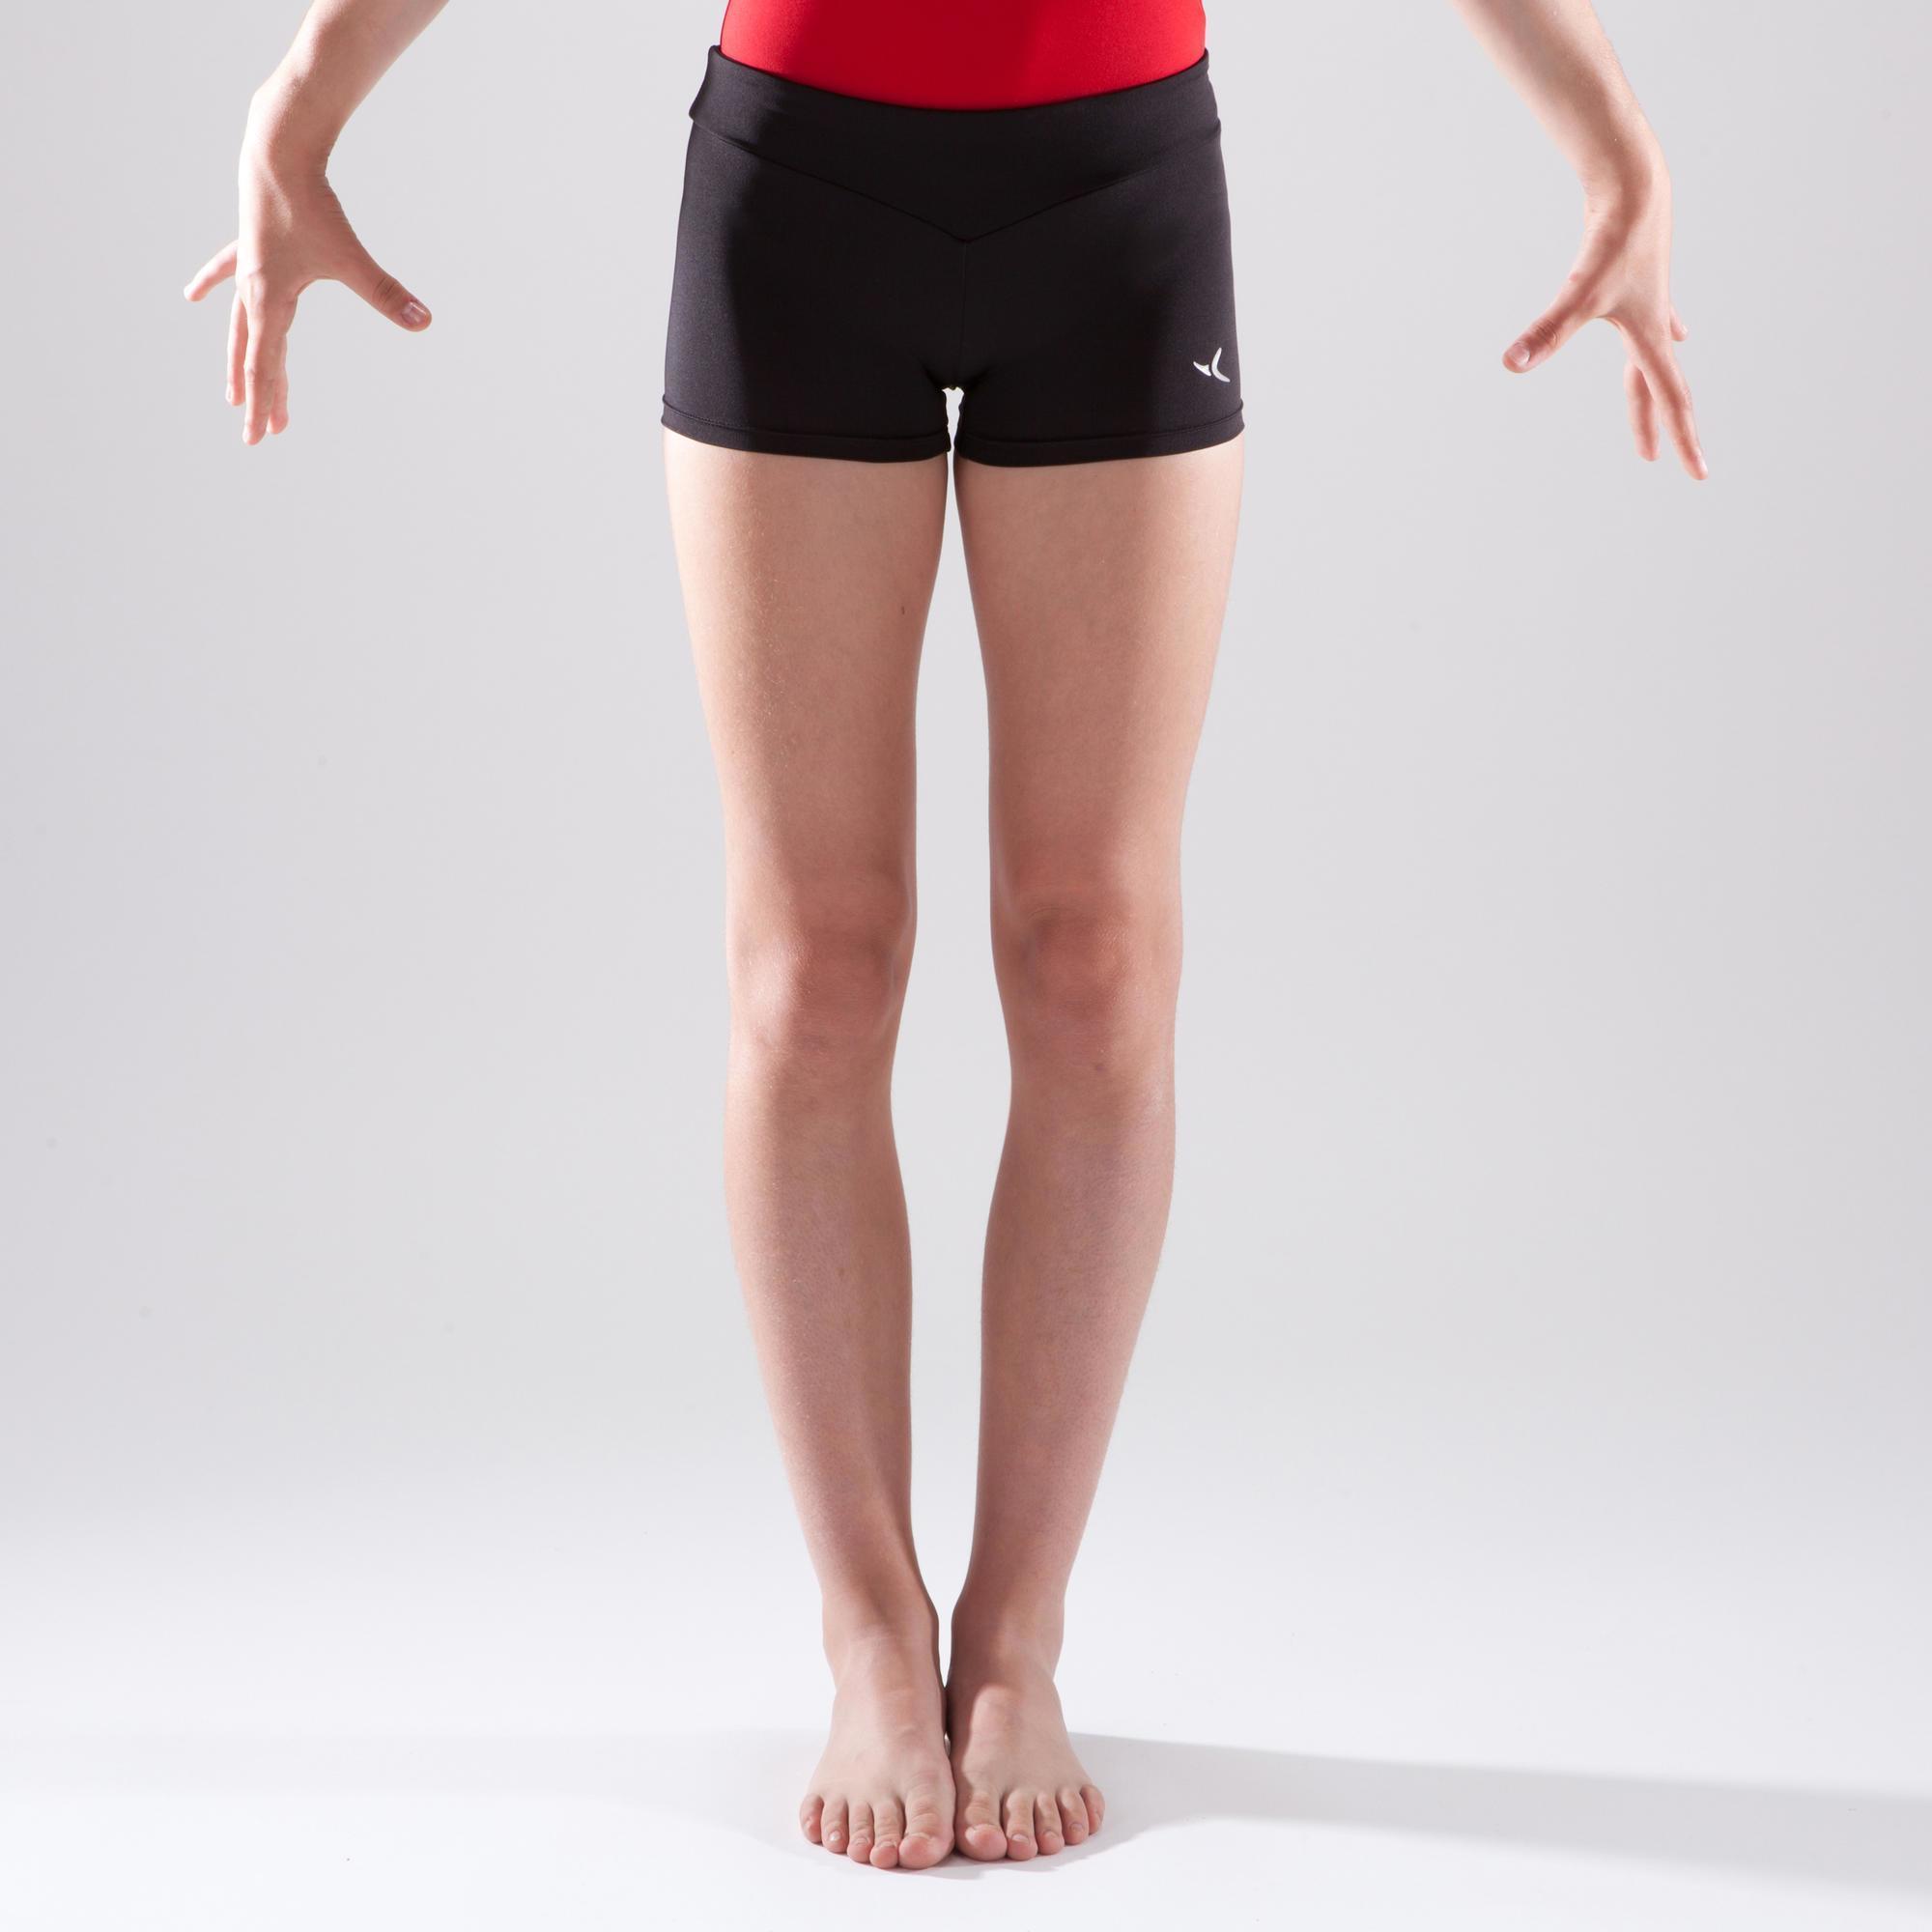 Korte Joggingbroek Dames.Korte Sportbroek Kopen Decathlon Nl